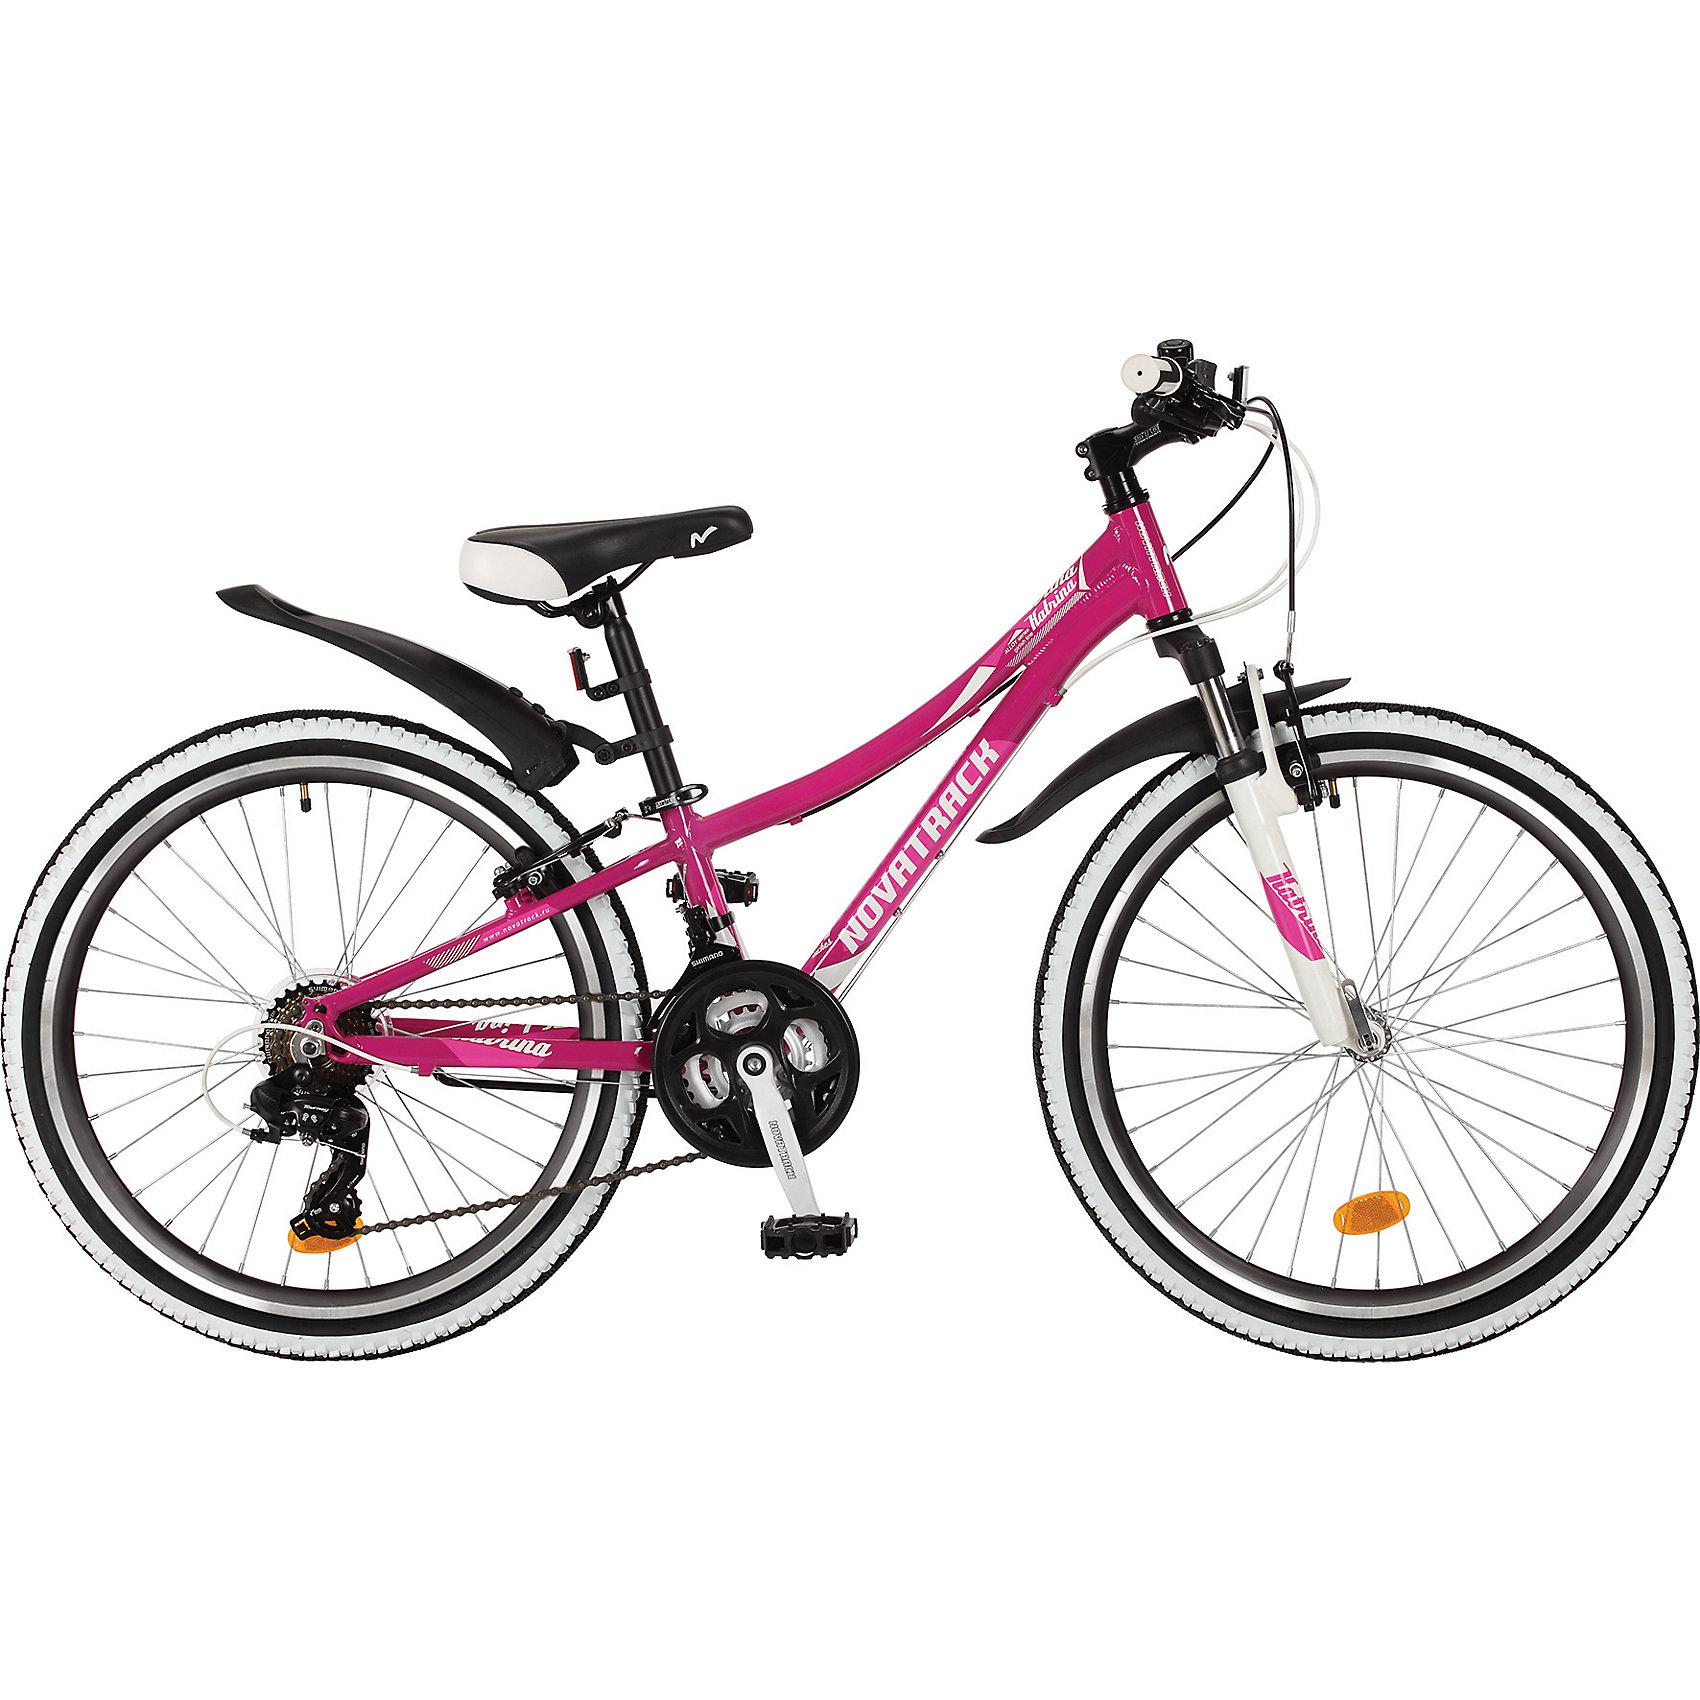 Велосипед  KATRINA, фиолетовый, 24 дюйма, NovatrackВелосипеды детские<br>Характеристики товара:<br><br>• цвет: фиолетовый<br>• возраст: от 7 лет<br>• стальная рама<br>• мягкое регулируемое по высоте седло<br>• руль регулируется по высоте<br>• диаметр колес: 24 дюйма<br>• передний тормоз типа V-brake<br>• задний тормоз типа Winzip<br>• передний и задний амортизаторы<br>• 21 скорость<br>• звонок<br>• мягкие накладки на руле<br><br>Новинка 2017 года - Novatrack Katrina 24 . Велосипед сделан из алюминиевого сплава , что делает его очень лёгким , а так же оборудована амортизационной вилкой и дисковыми тормозами , что делает велосипед ещё более безопасным .<br><br>Велосипед  KATRINA, фиолетовый, 24 дюйма, Novatrackможно купить в нашем интернет-магазине.<br><br>Ширина мм: 1260<br>Глубина мм: 200<br>Высота мм: 650<br>Вес г: 19000<br>Возраст от месяцев: 108<br>Возраст до месяцев: 168<br>Пол: Унисекс<br>Возраст: Детский<br>SKU: 5613225